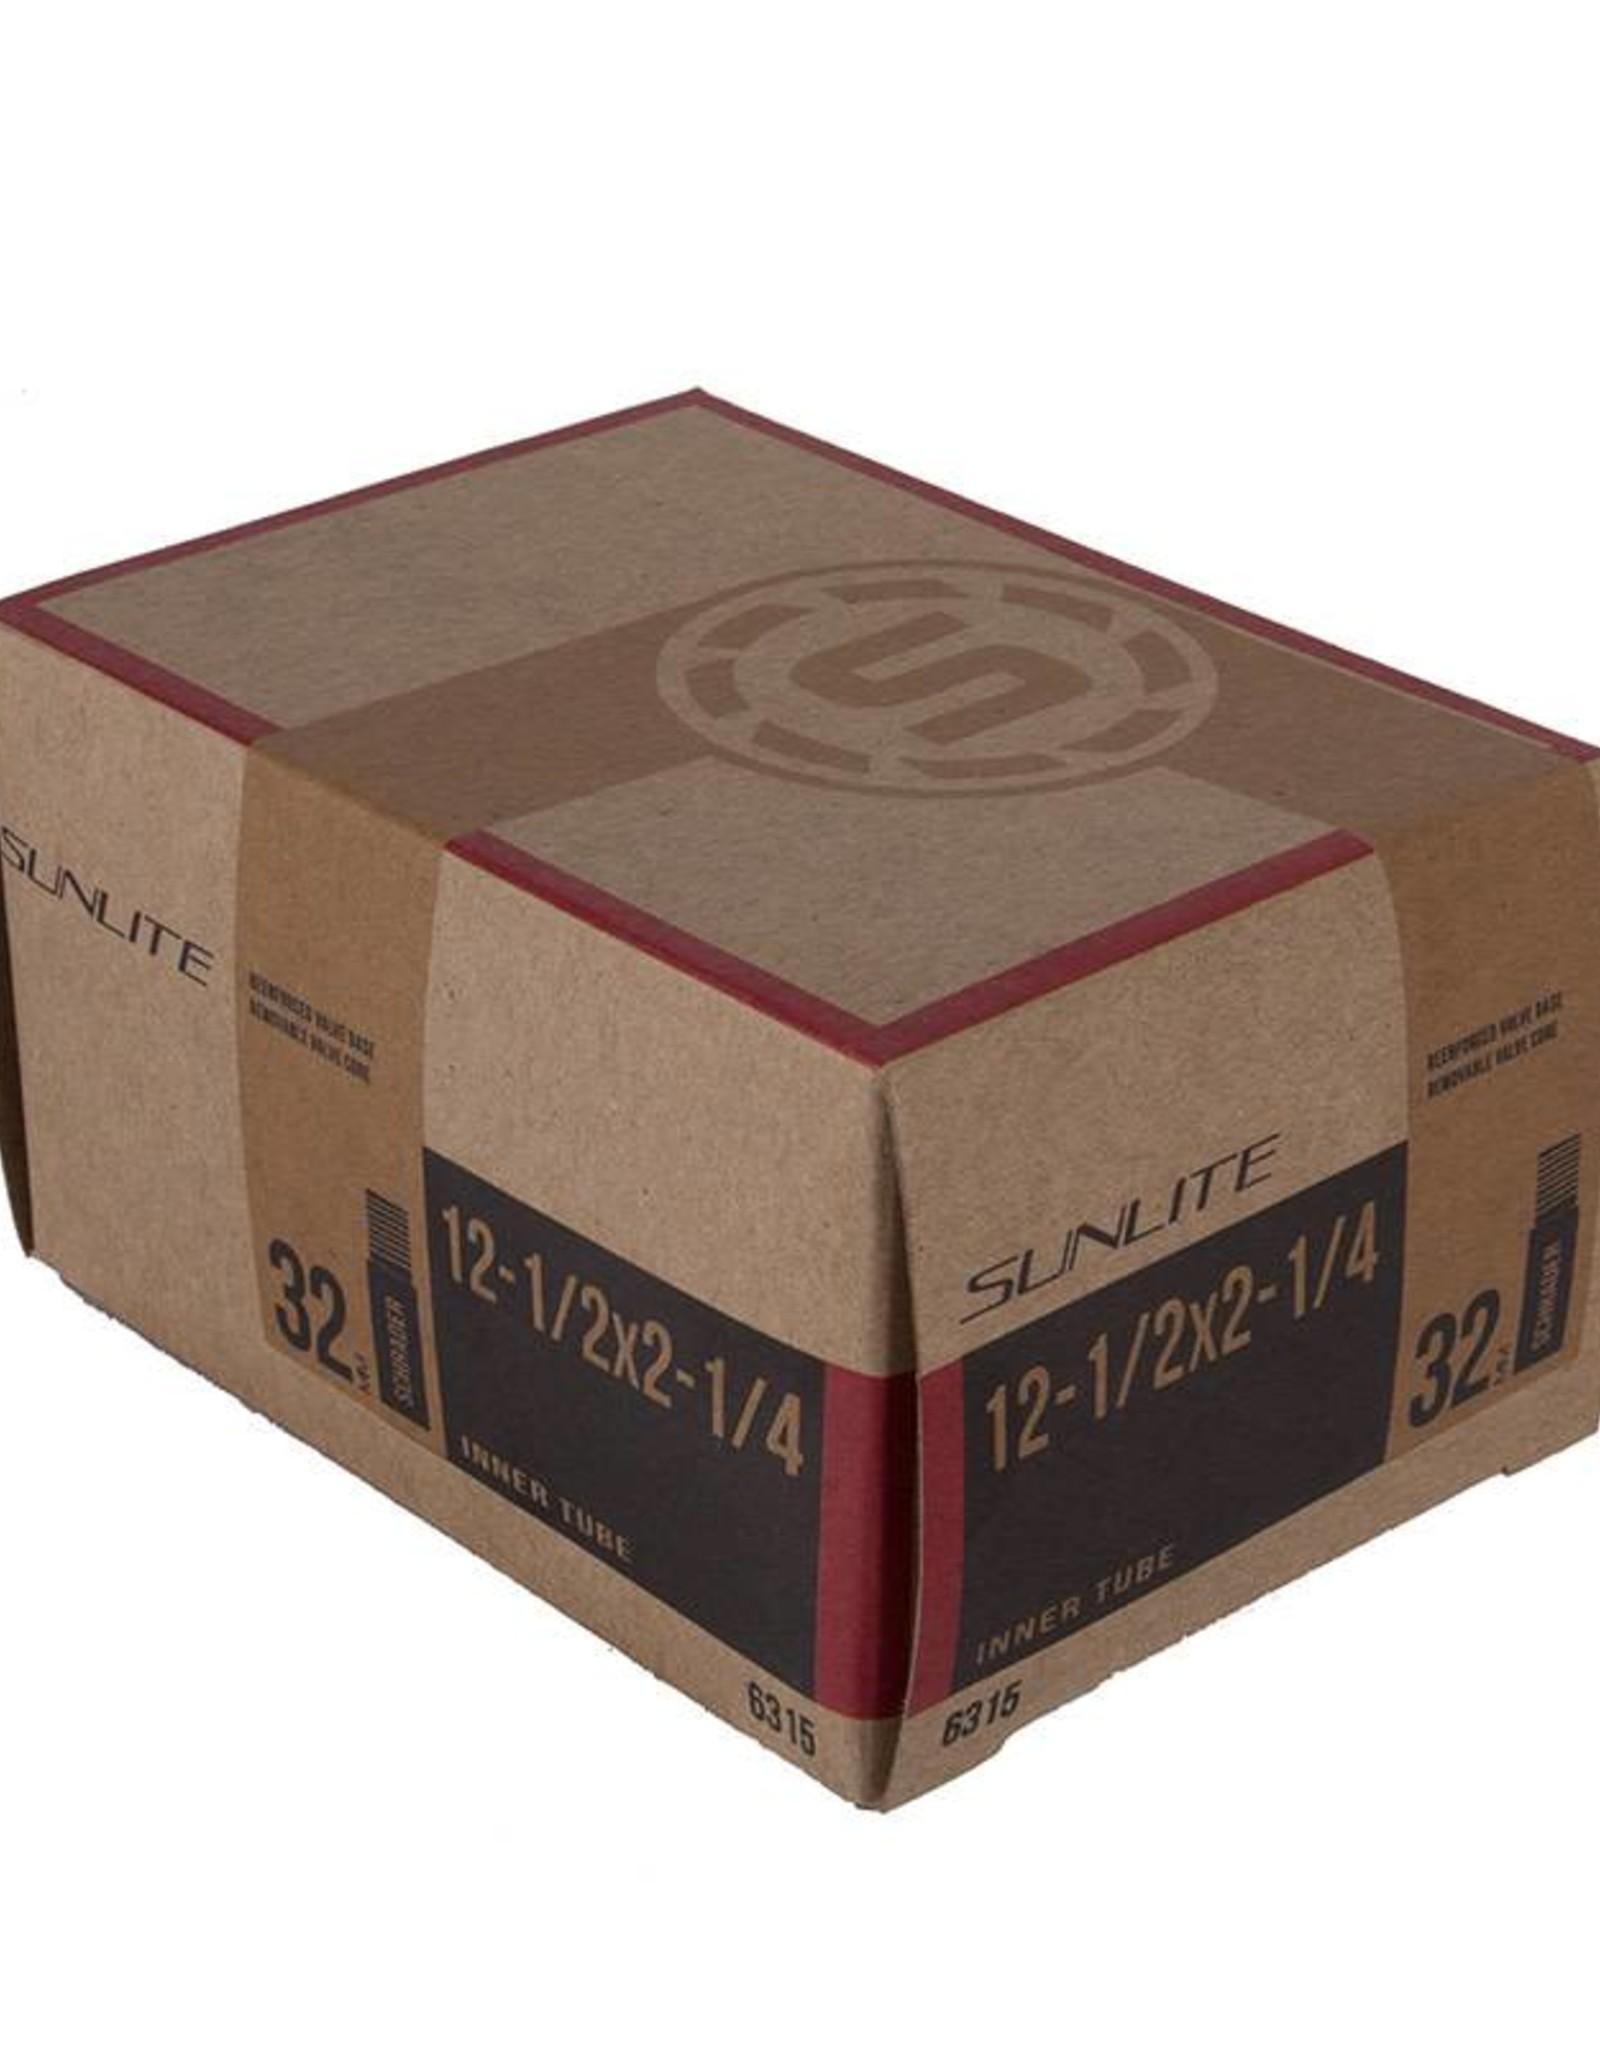 Sunlite TUBE 12-1/2x2-1/4 SV 32mm